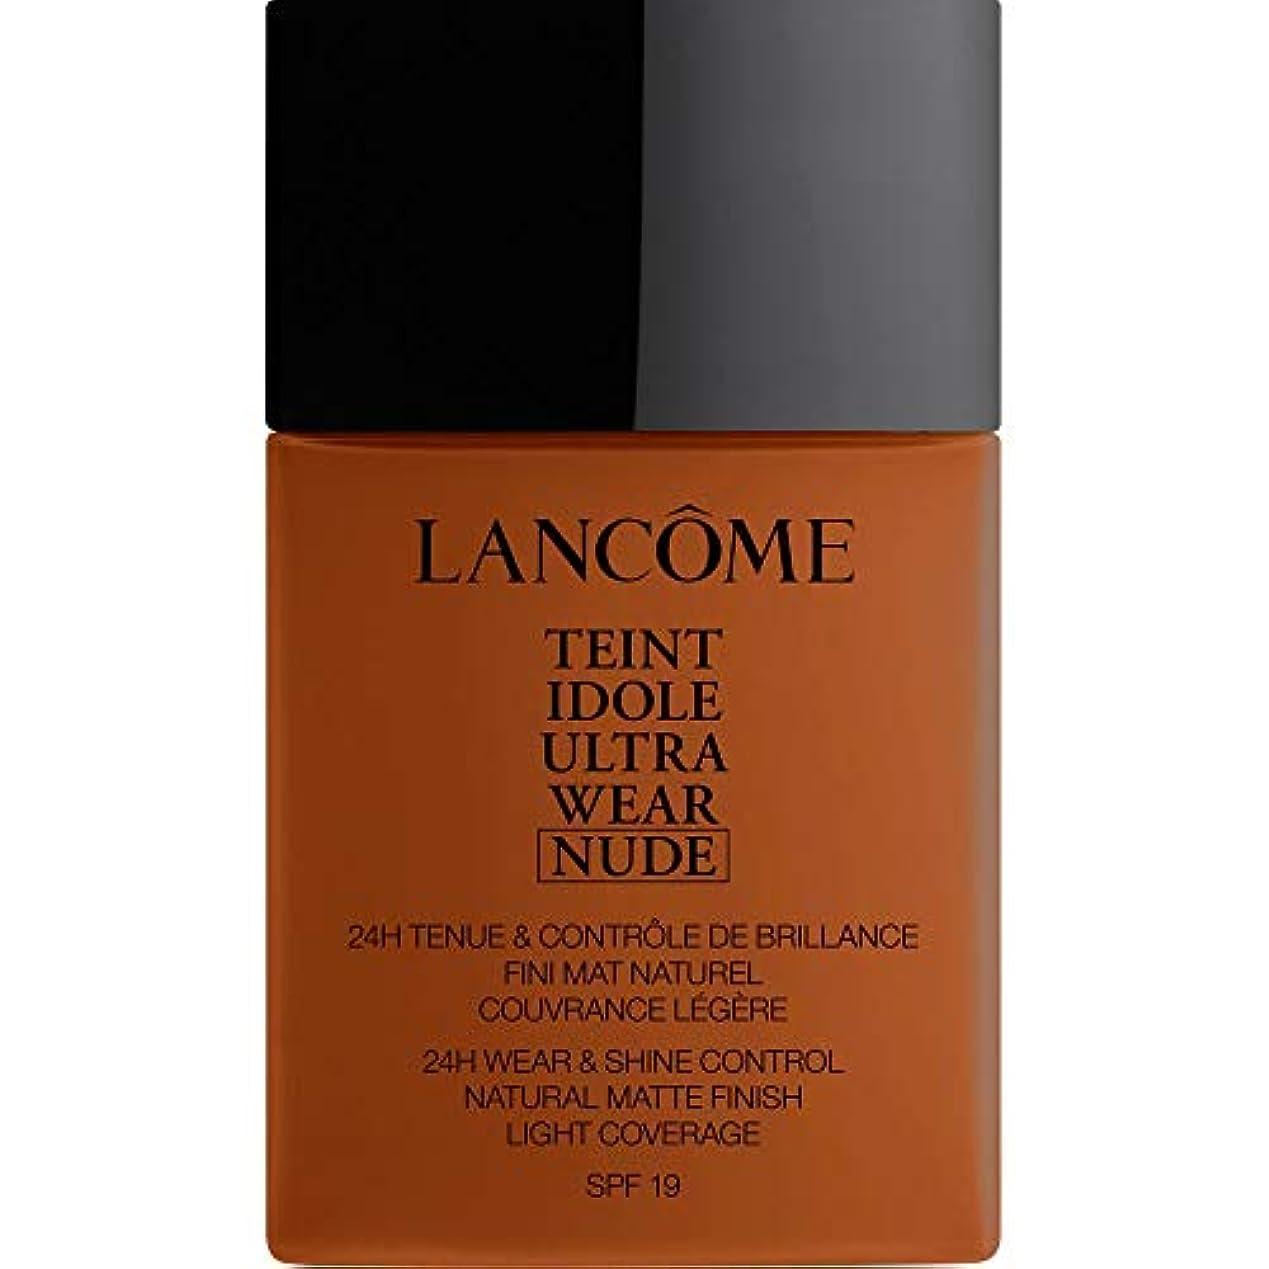 ハーフうんざり彼女の[Lanc?me ] ランコムTeintのIdole超摩耗ヌード財団Spf19の40ミリリットル13.2 - ブラン - Lancome Teint Idole Ultra Wear Nude Foundation SPF19...